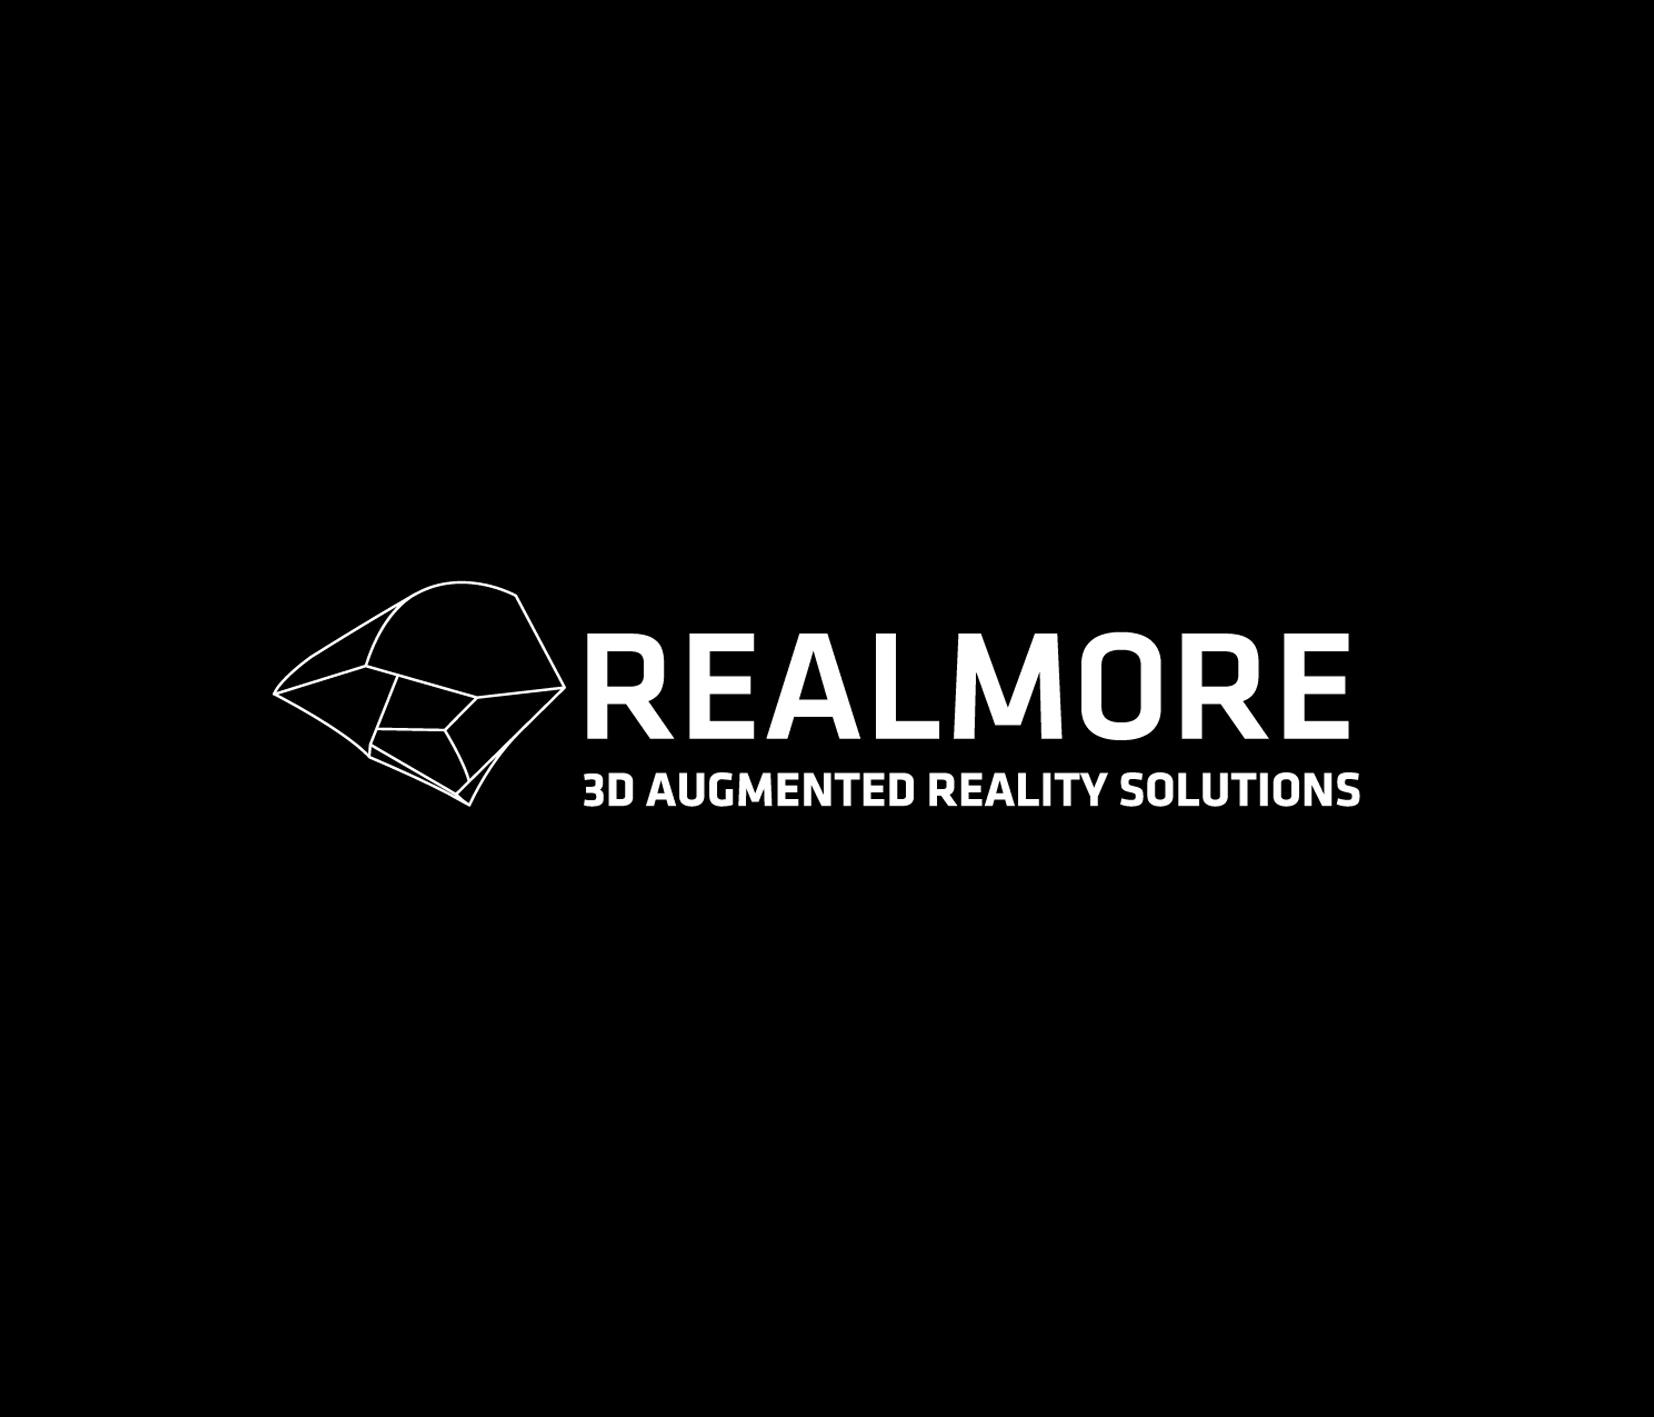 La realidad aumentada afianza su presencia en el mercado actual